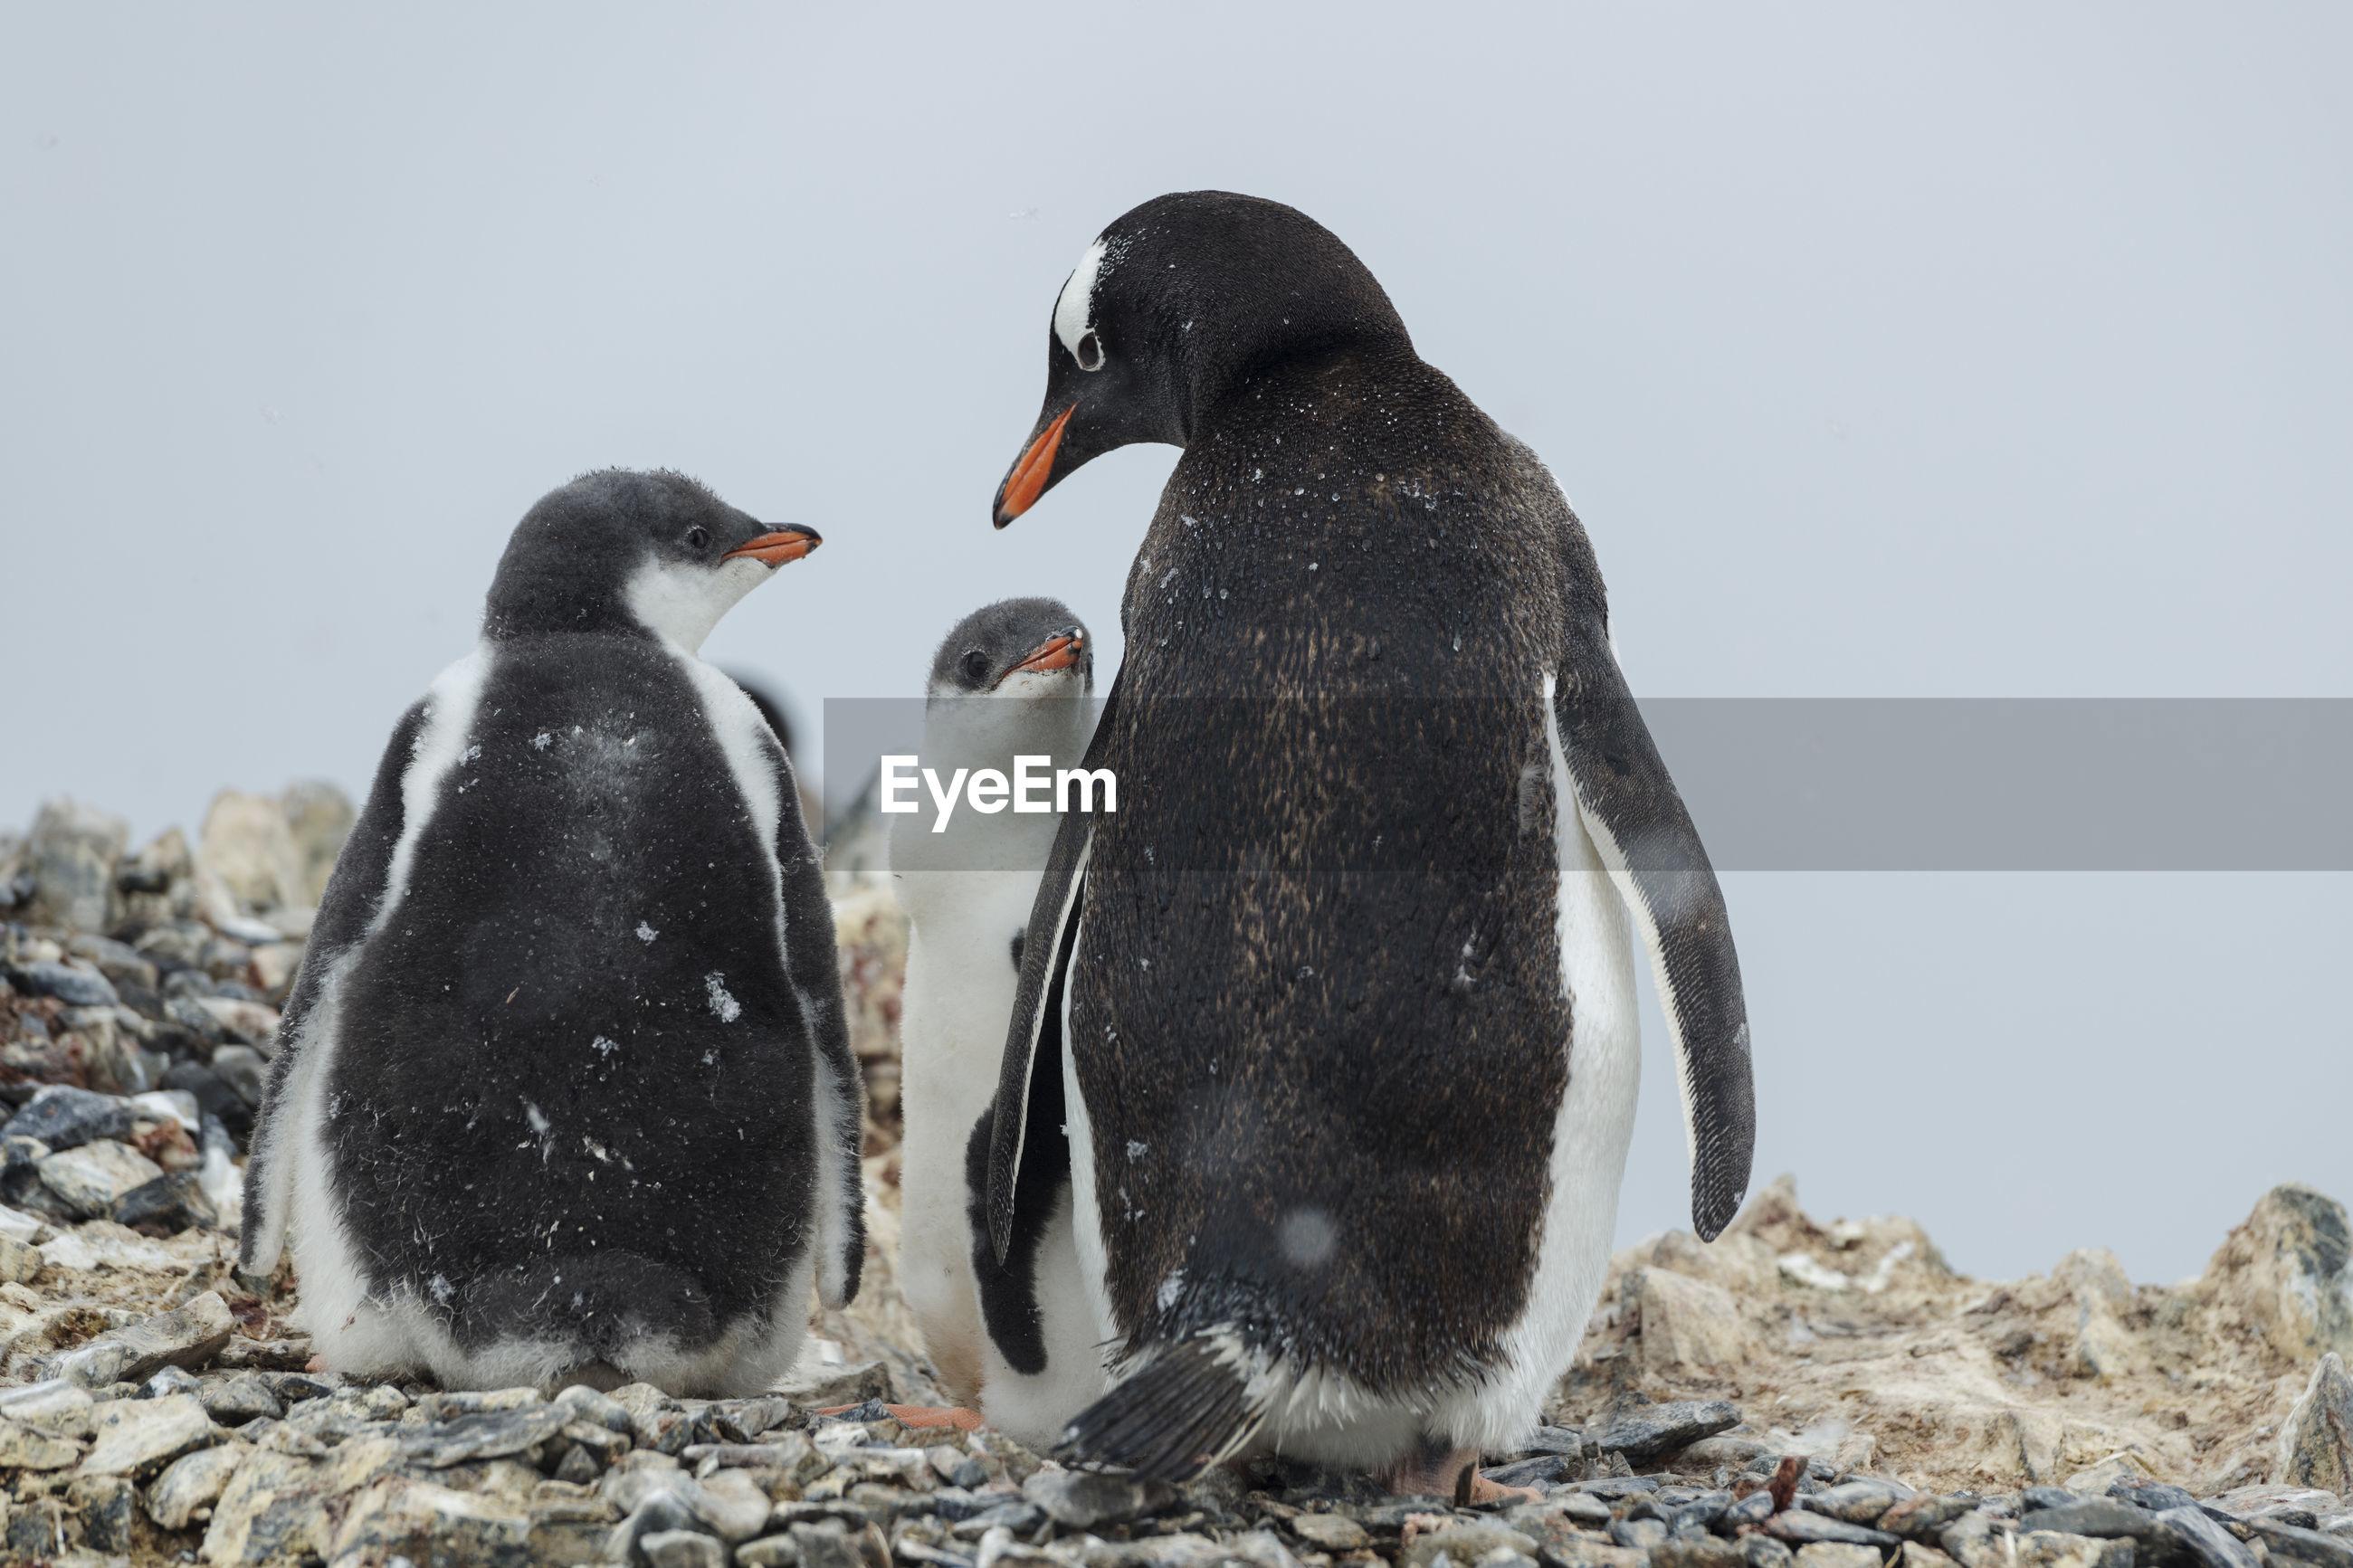 Penguins relaxing on rocks